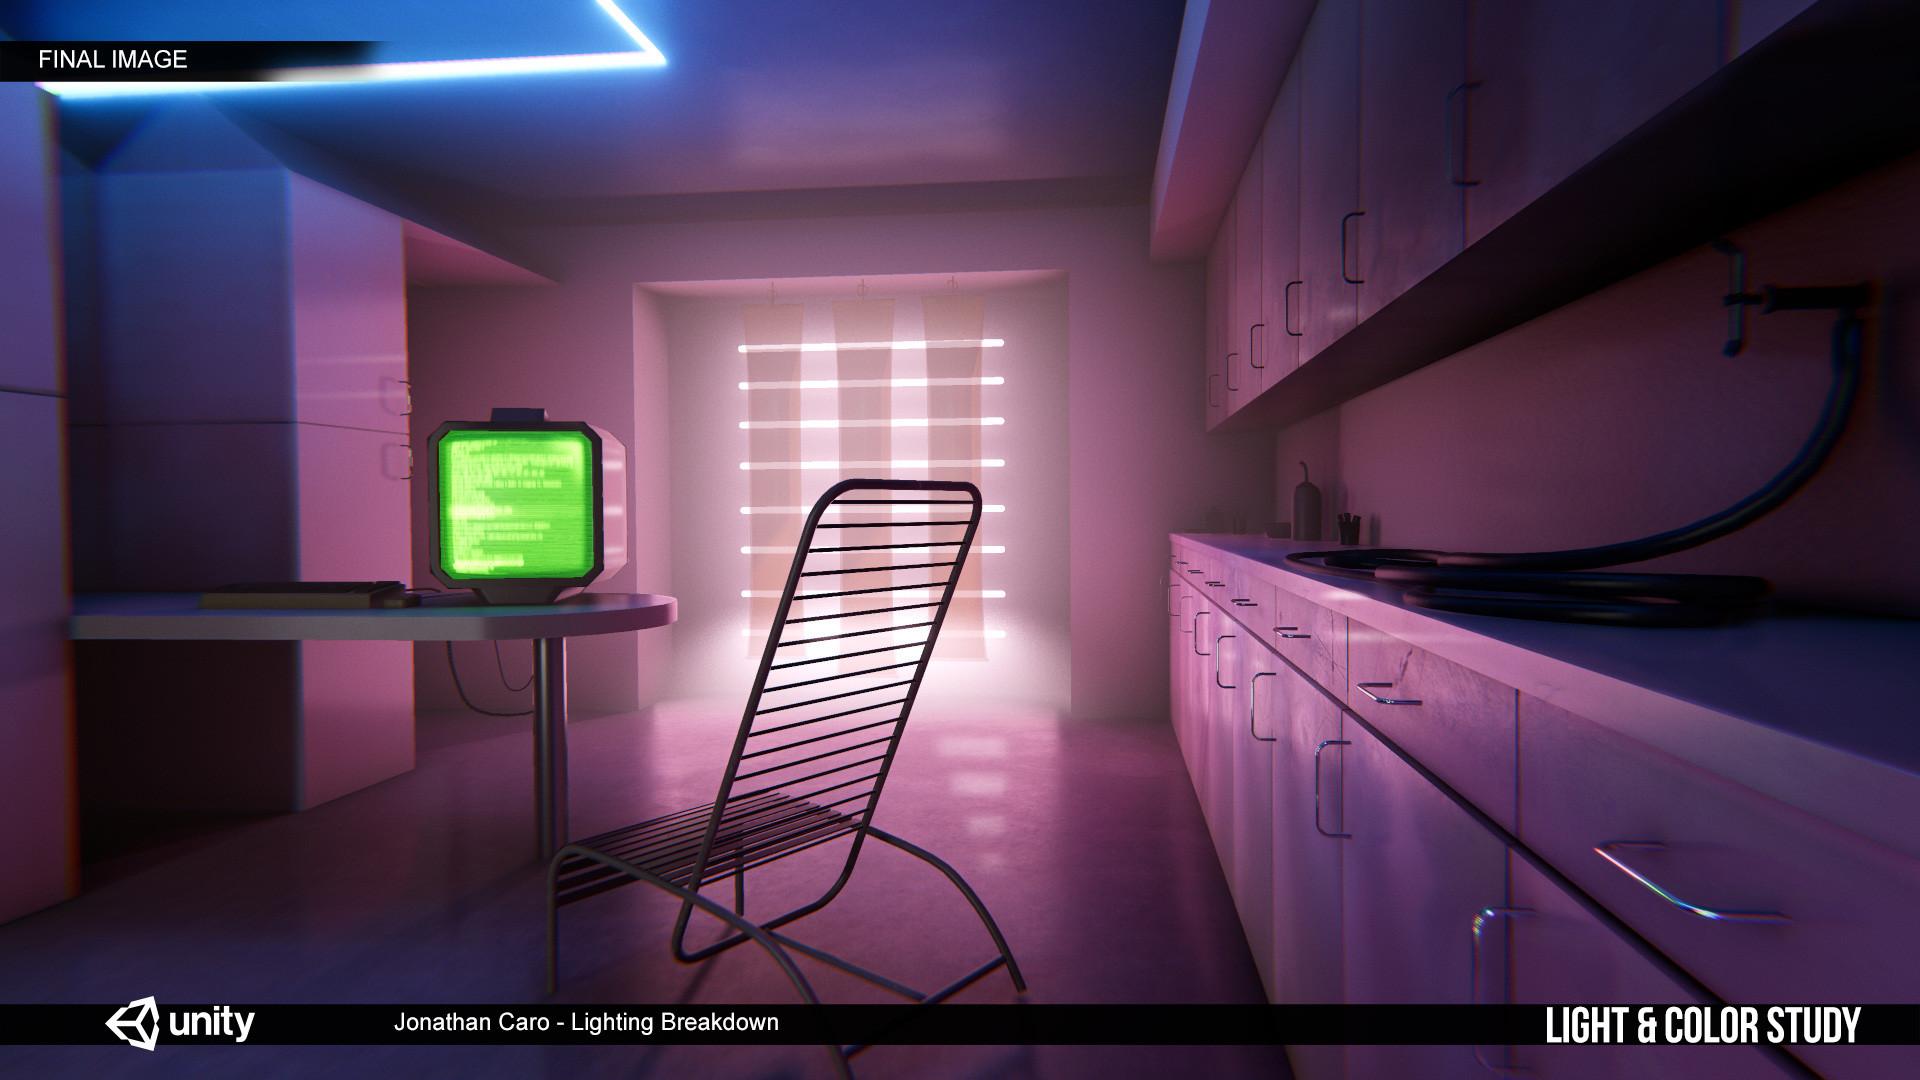 Jon Caro: Environment - Lighting Artist - Lighting Breakdowns